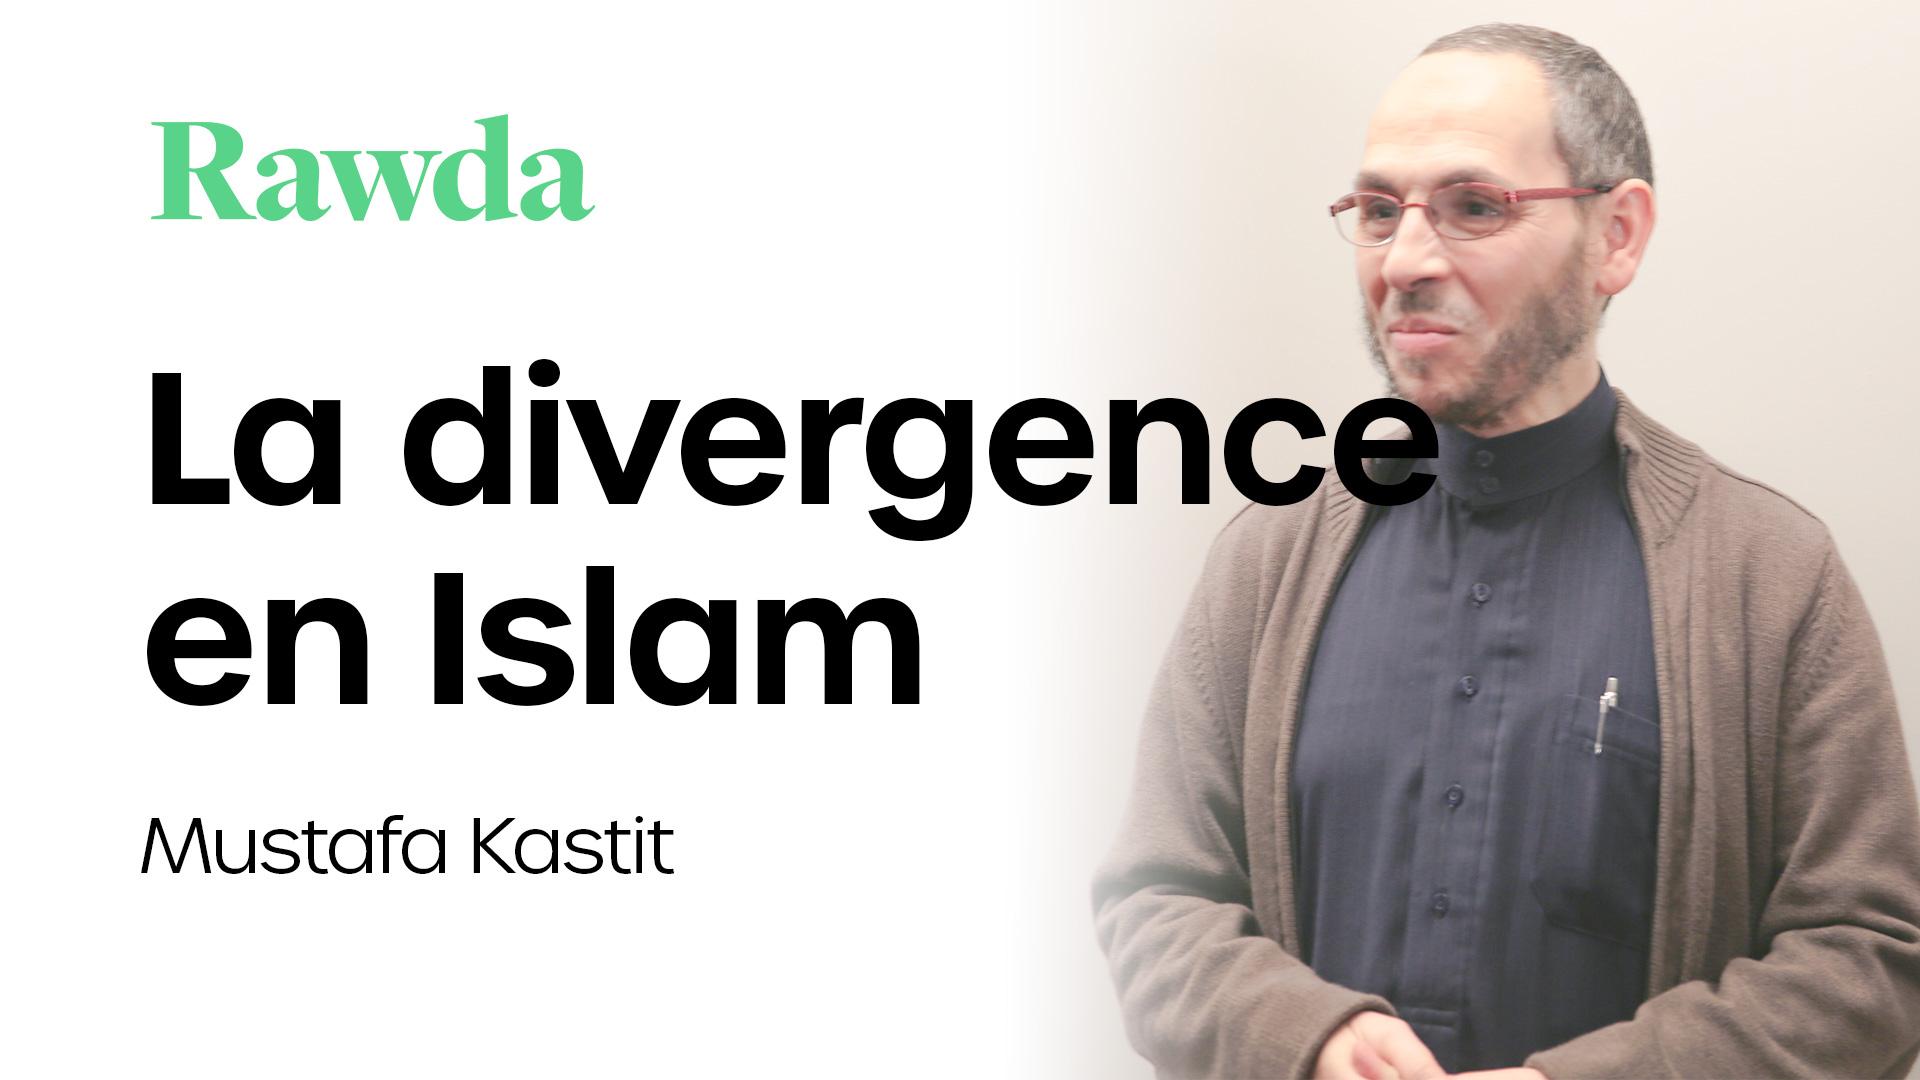 Miniature du cours : La divergence en Islam